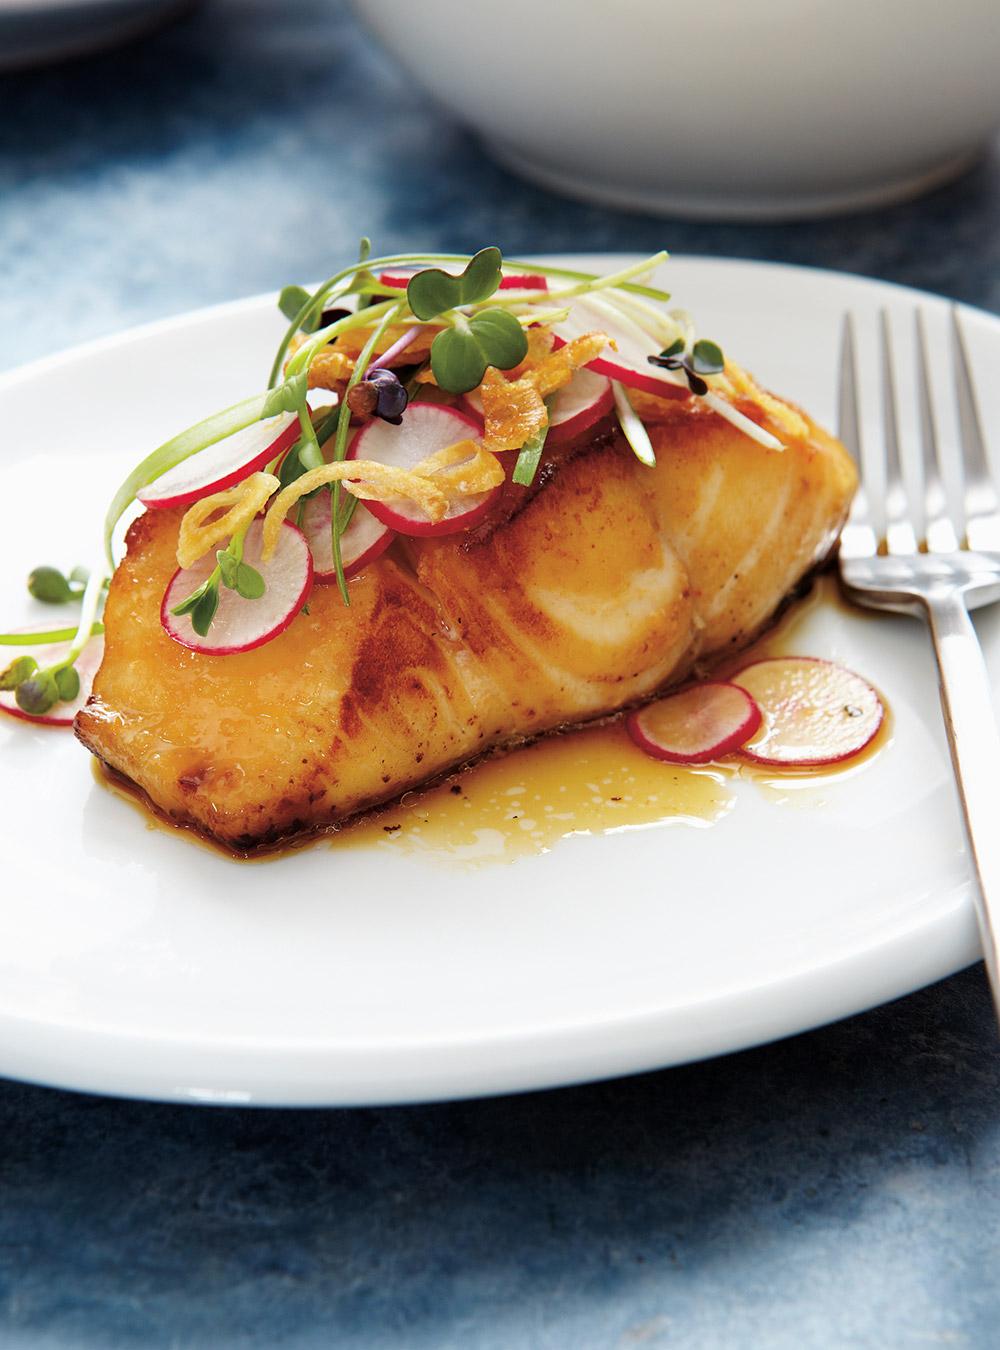 Cuisinez les poissons comme un chef  page 2 | ricardo